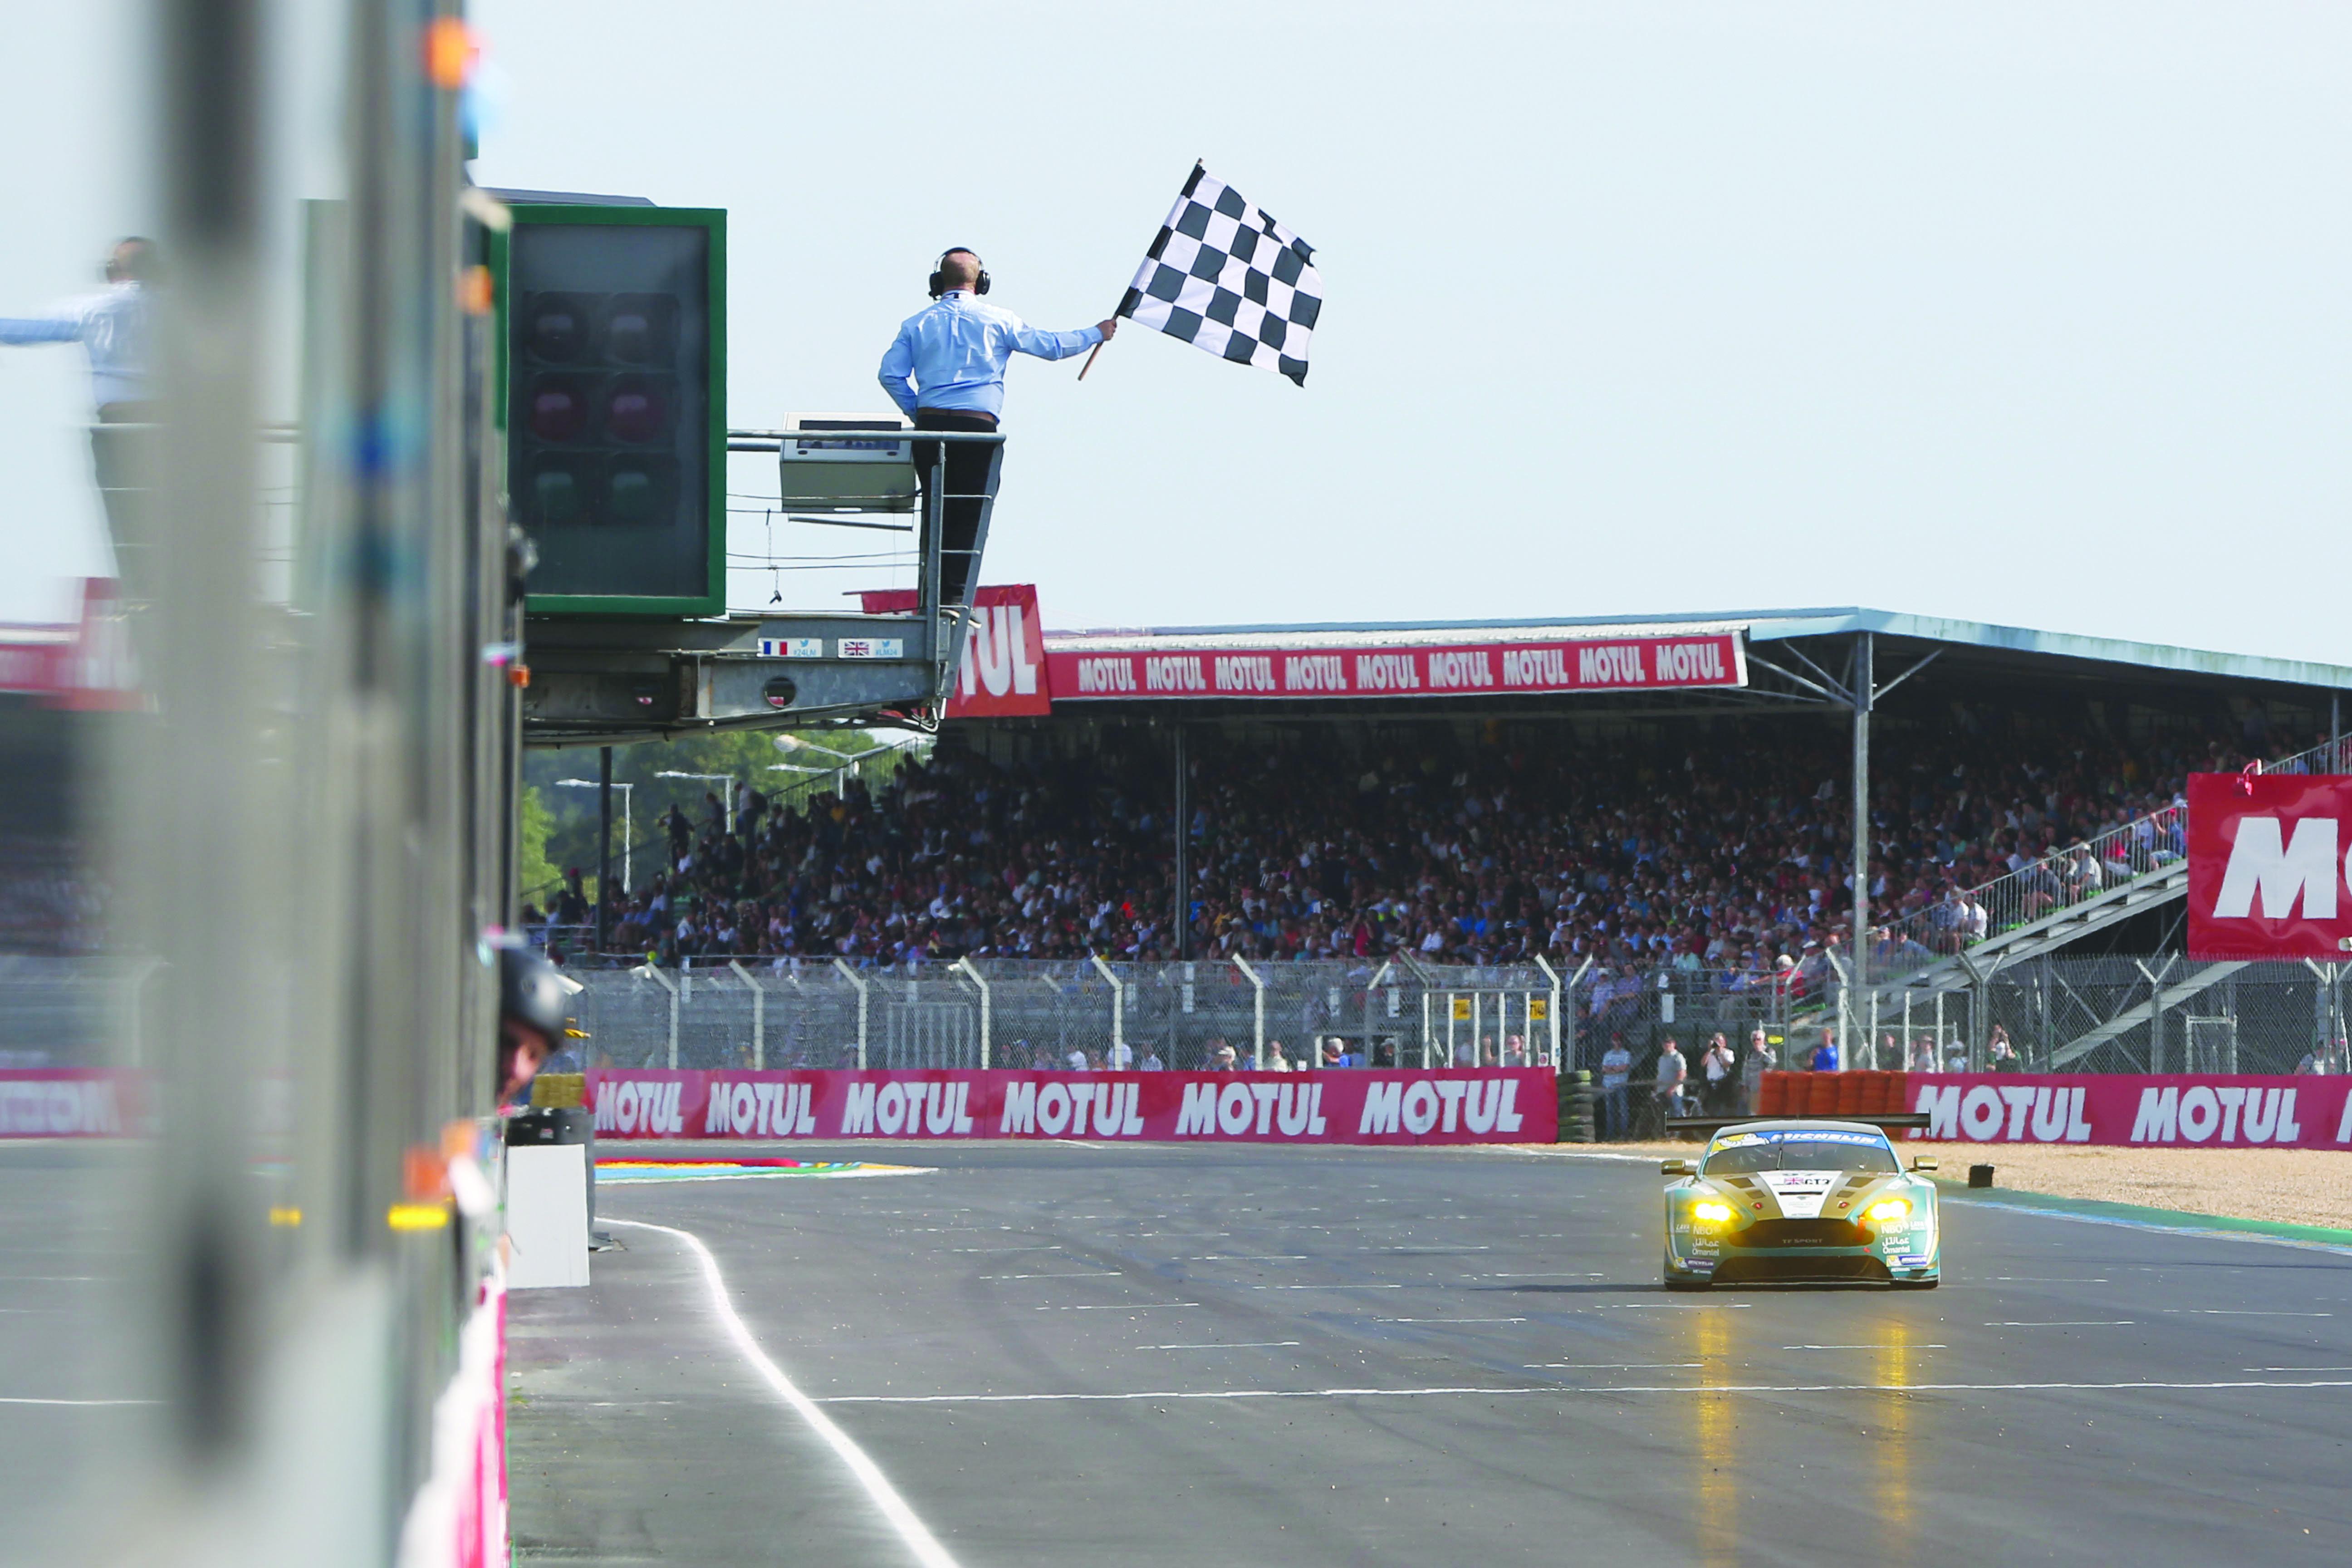 الفريق قدّم سباقاً قوياً واعتلى منصة التتويج بكل جدارةالحارثي مع عُمان لسباقات السيارات يواصل الإبداع ويتوج بكأس «ميشلان لومان»